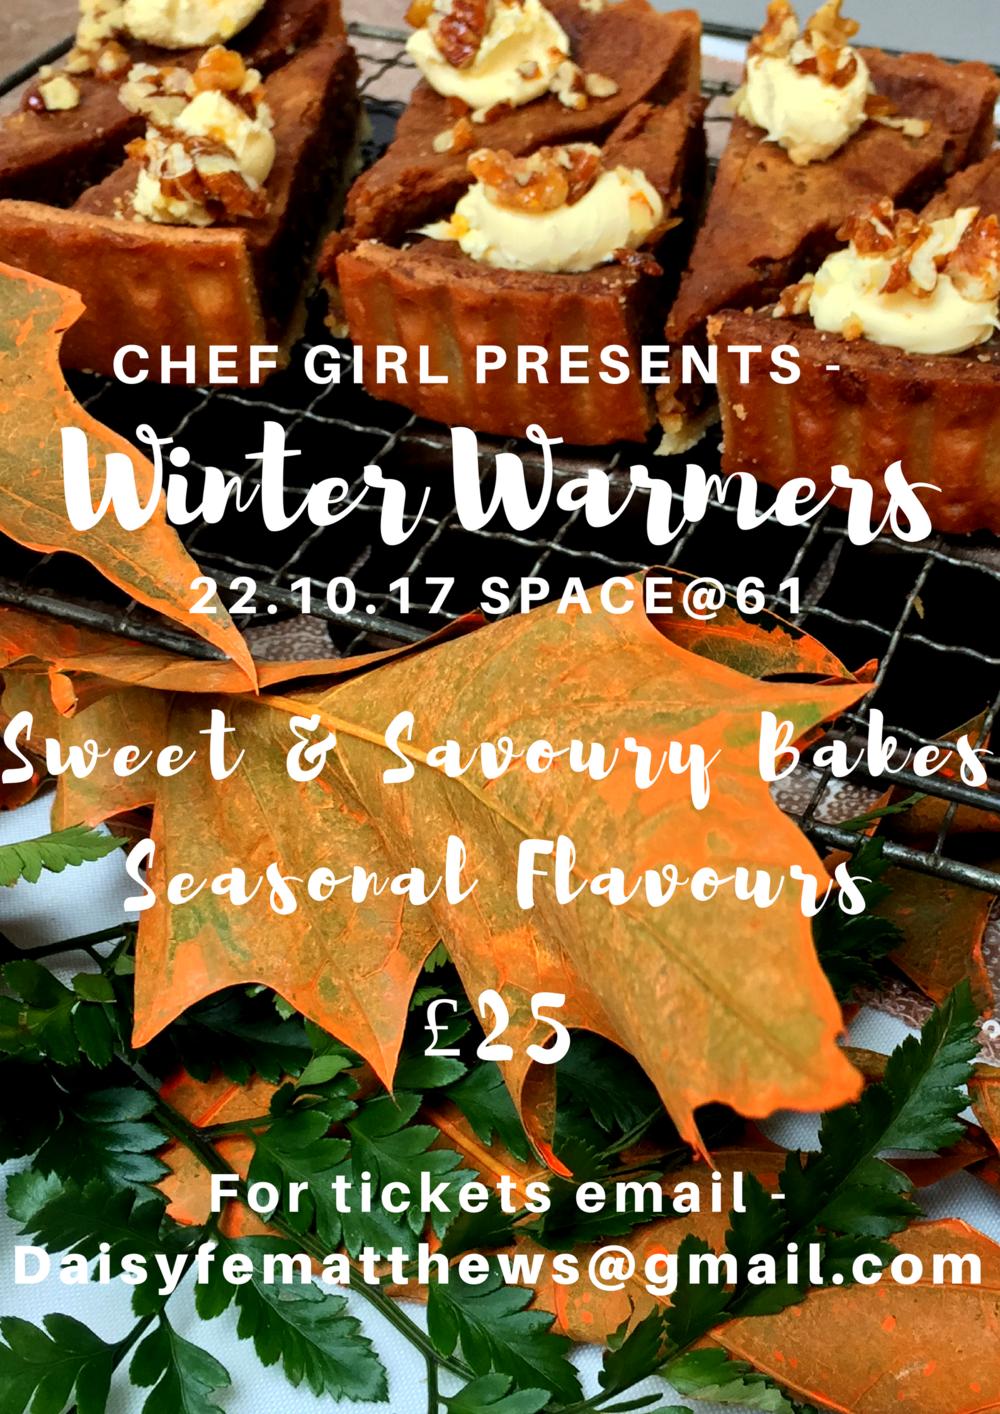 Chef Girl event in Nunhead